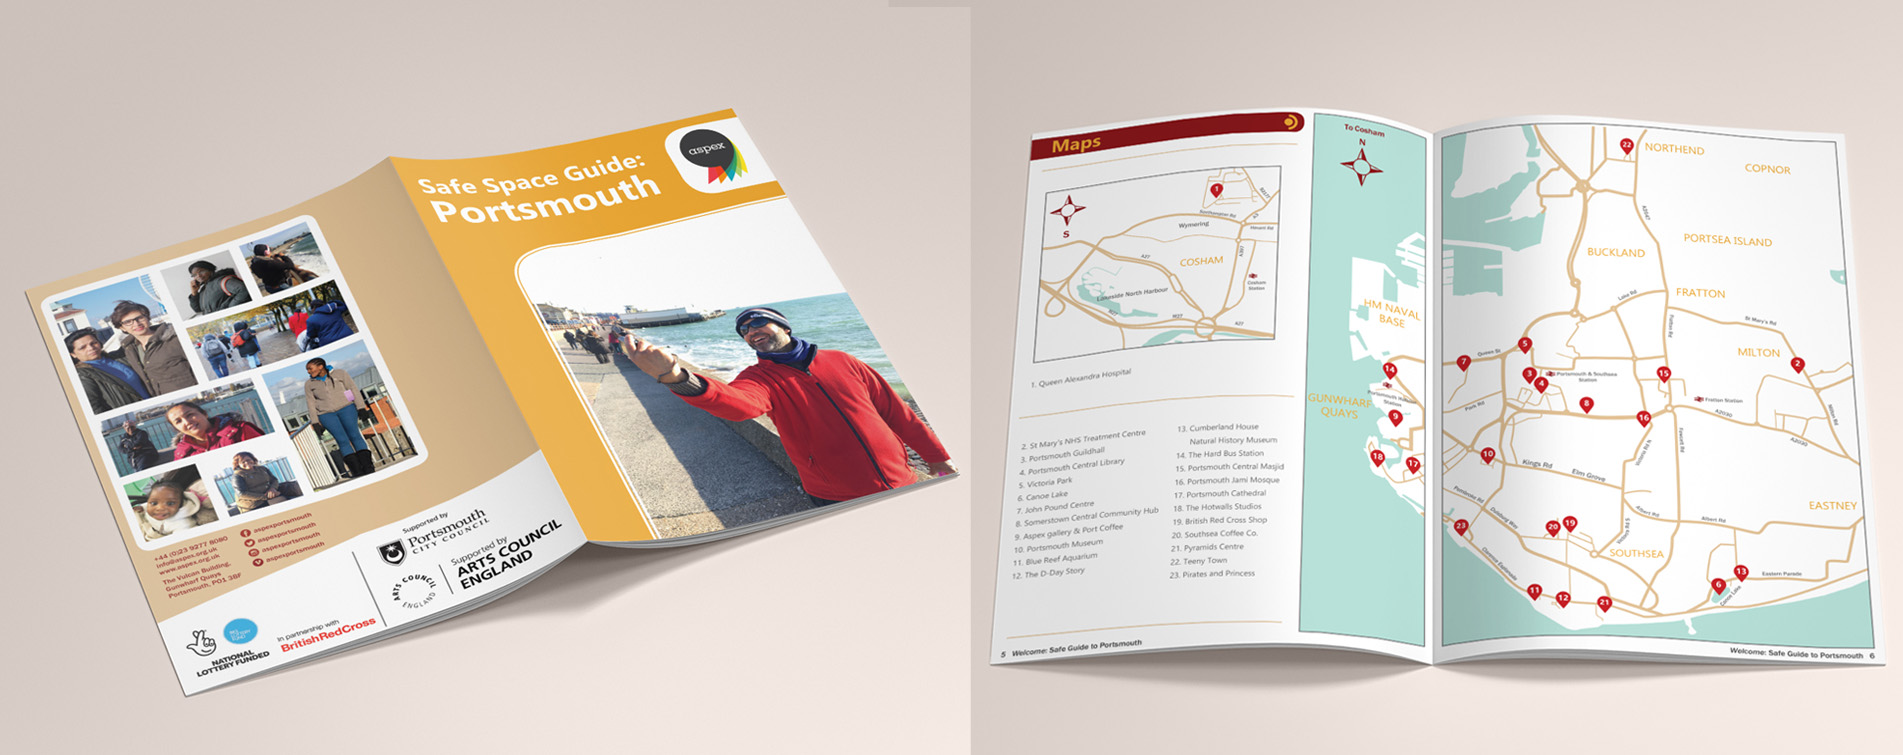 Safe Space Guide: Portsmouth - Booklet Design